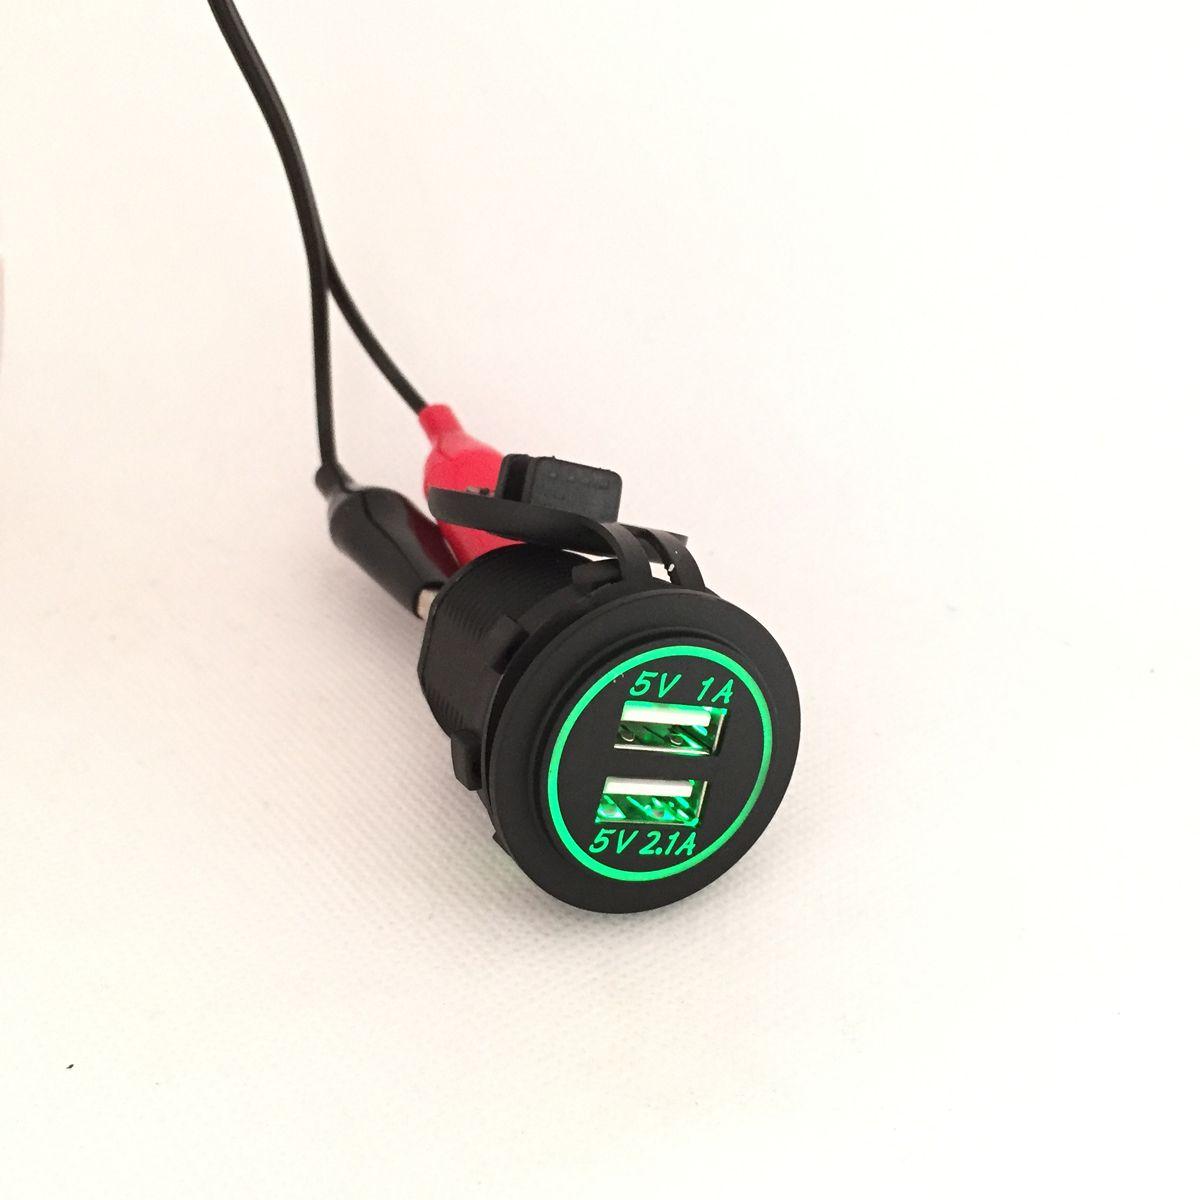 DIY 12 В-24 В Dual USB Автомобильное Зарядное устройство Мощность Outlet 1A & 2.1a для IPad IPhone автомобиля лодка МОРСКОЙ мобильного светодиодный свет синий ...